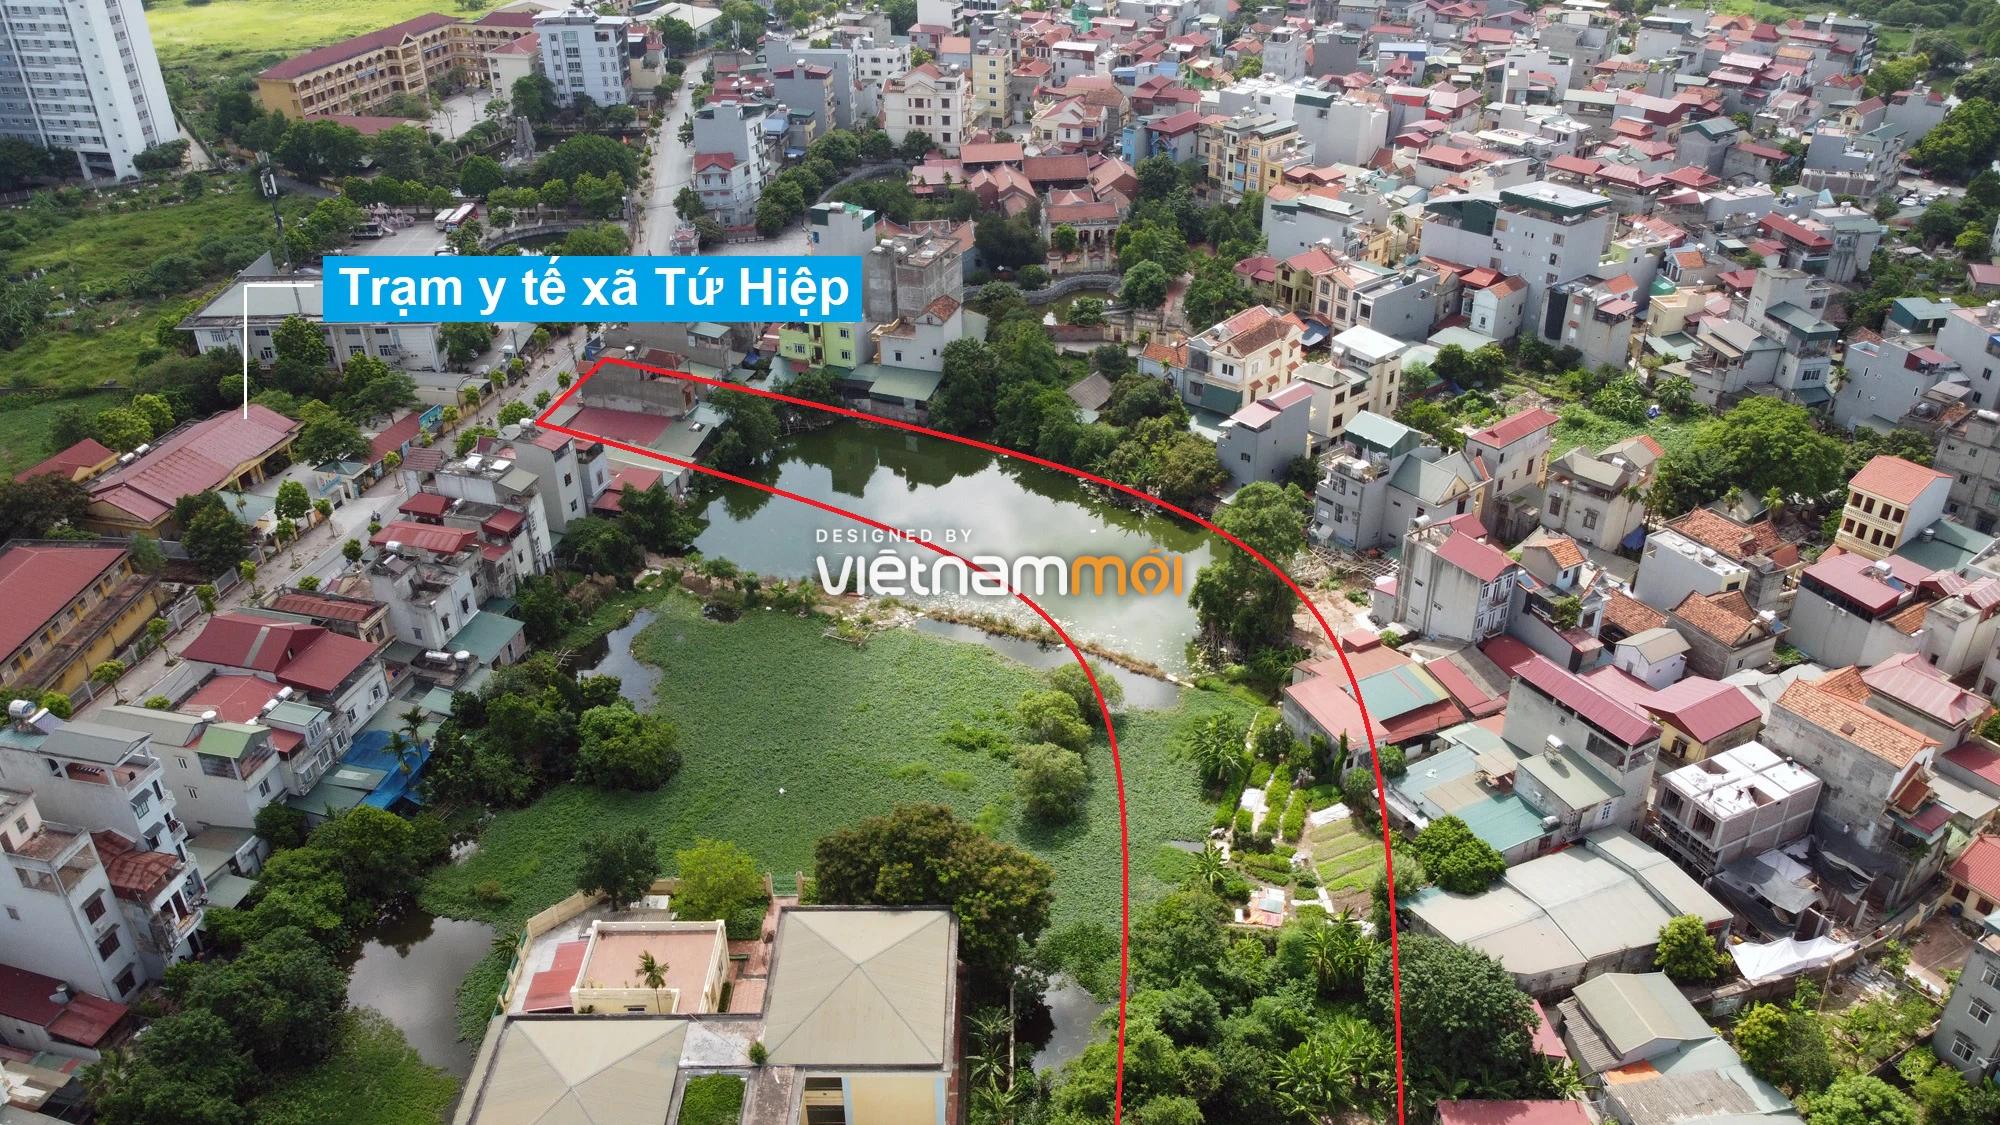 Những khu đất sắp thu hồi để mở đường ở xã Tứ Hiệp, Thanh Trì, Hà Nội (phần 2) - Ảnh 4.